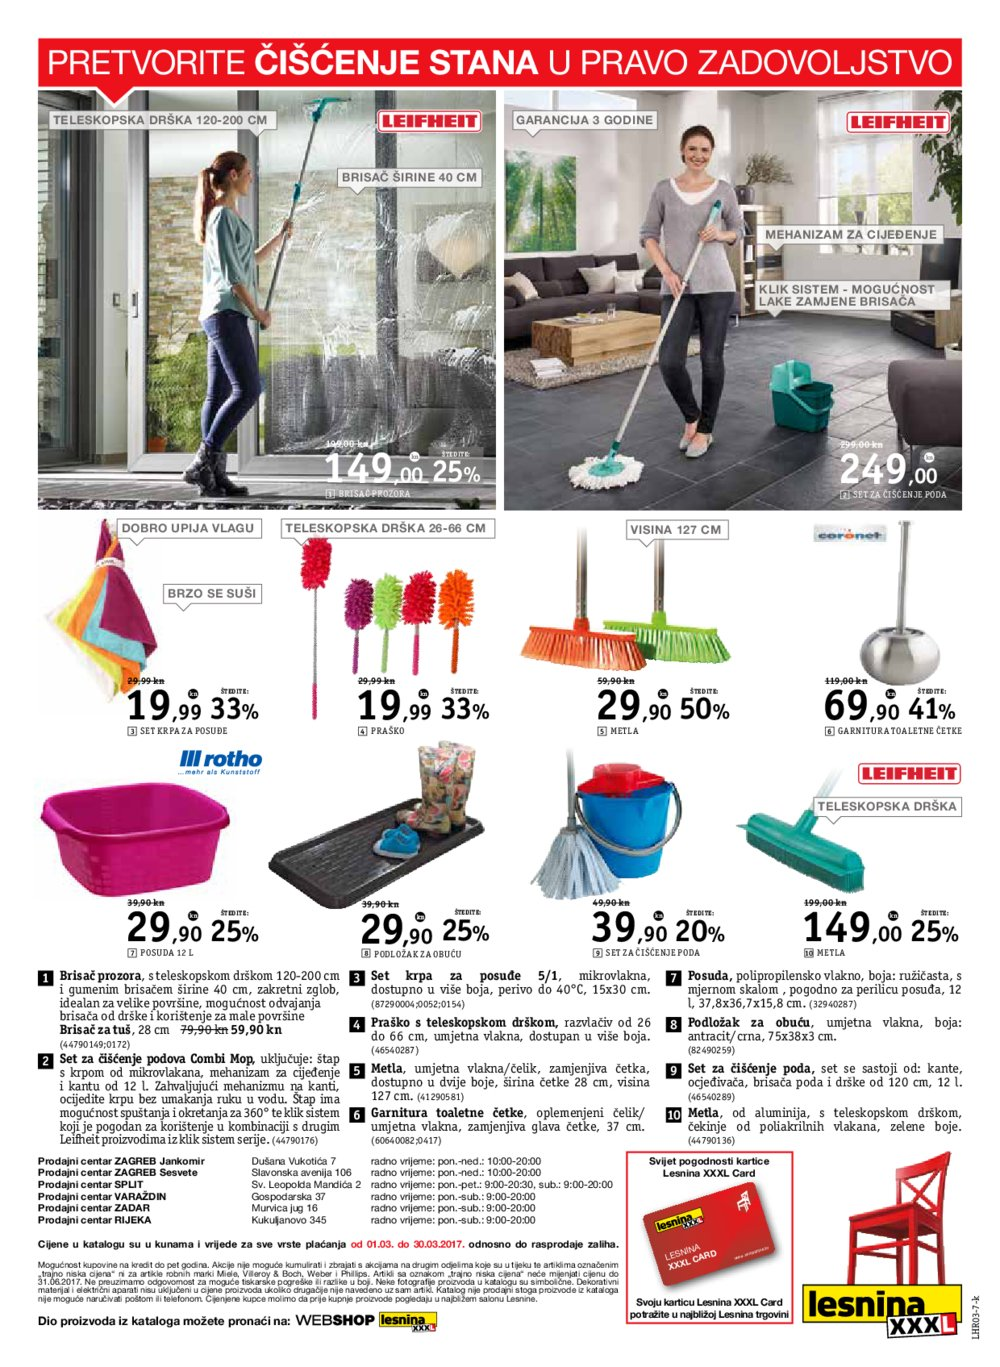 Lesnina katalog Uljepšajmo dom zajedno do 30.03.2017